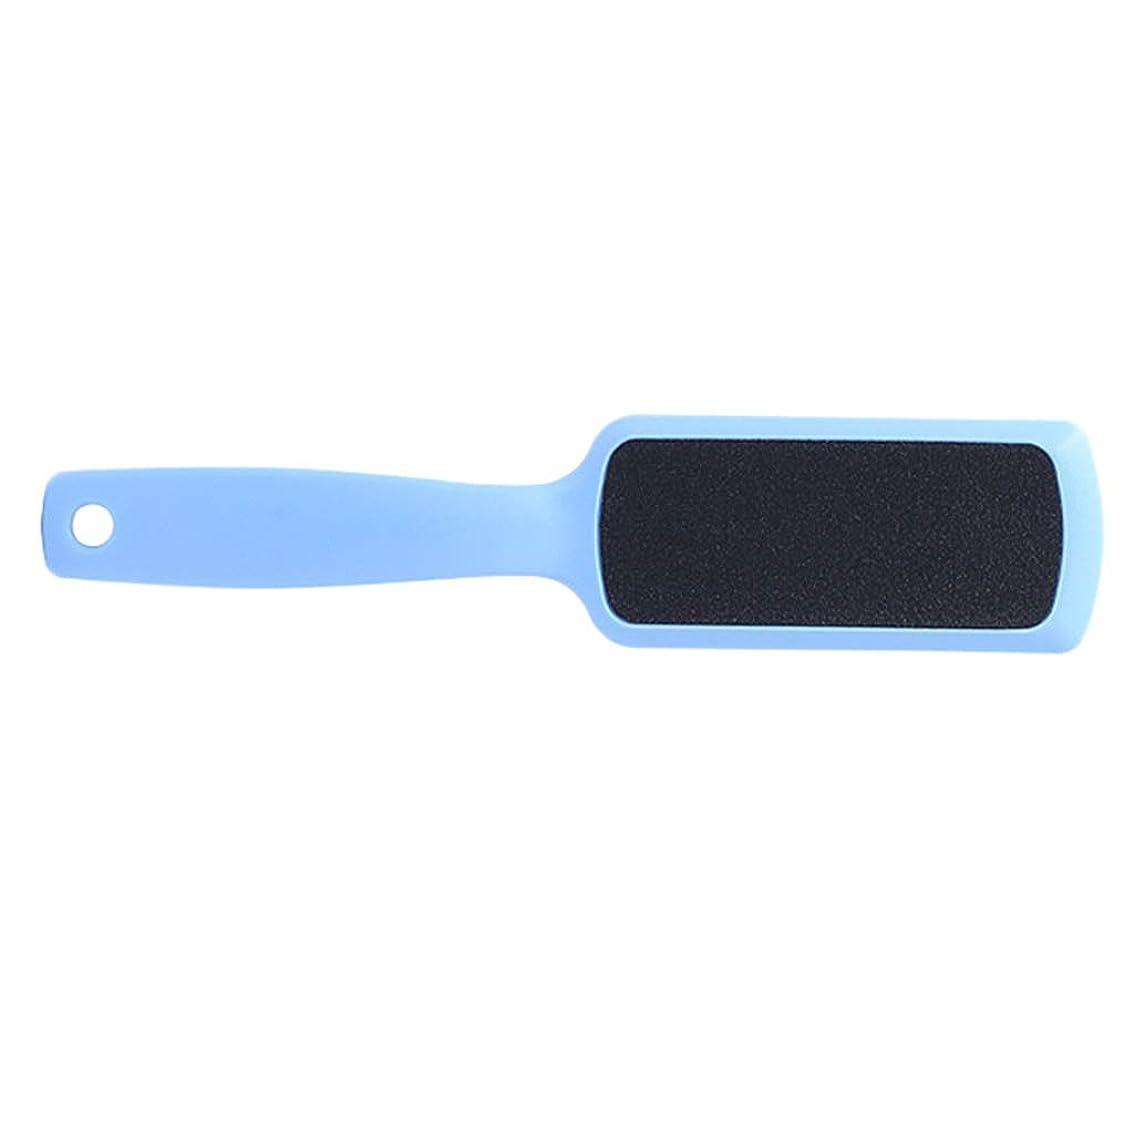 渇き不振悪行フットファイル 足ファイル 角質取り除き 角質リムーバー フットケア 全3色 - ライトブルー